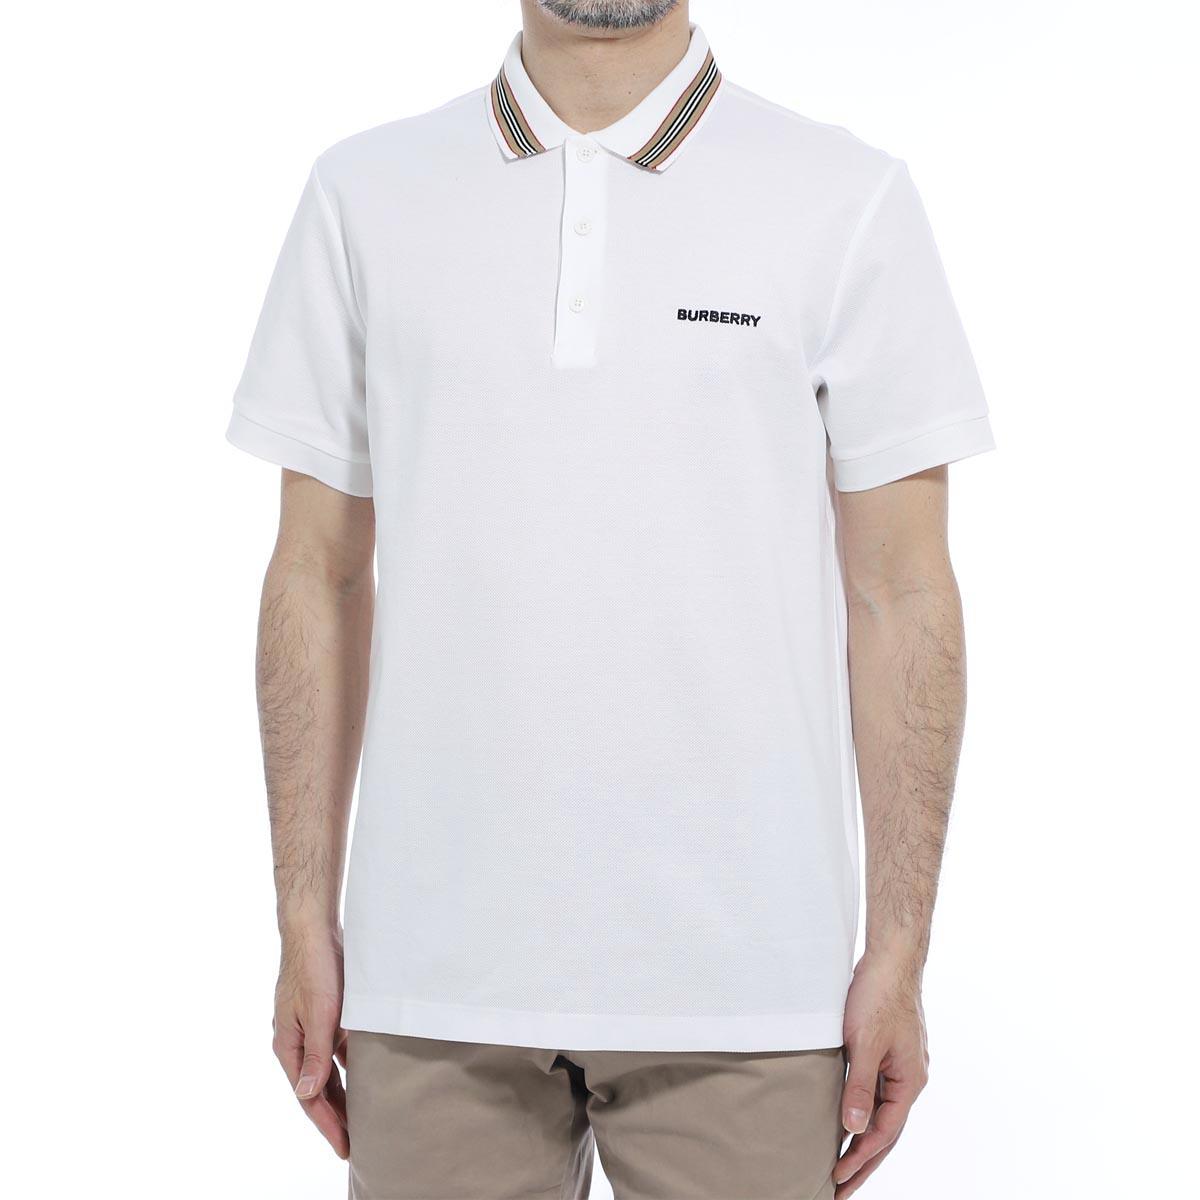 バーバリー BURBERRY ポロシャツ ホワイト メンズ 8009280 white JOHNSTON ジョンストン【あす楽対応_関東】【返品送料無料】【ラッピング無料】